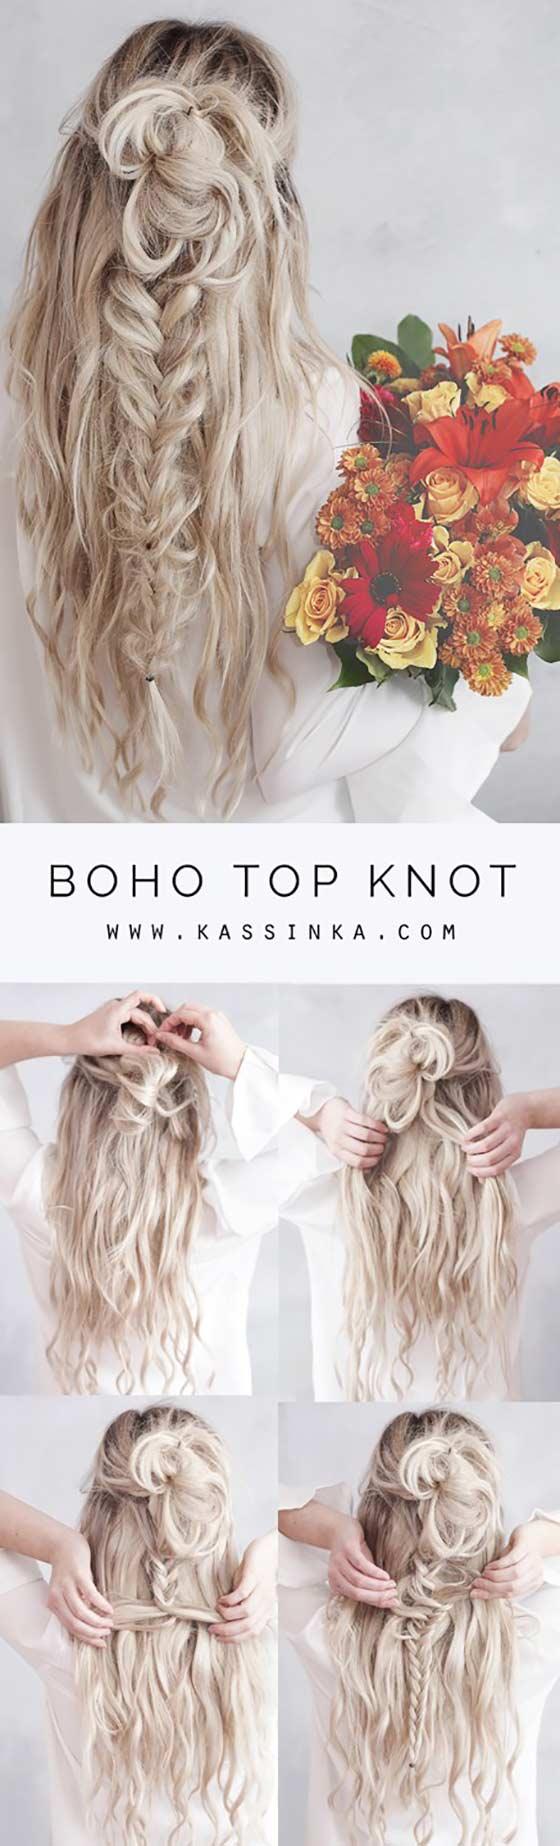 Boho-Top-Knot